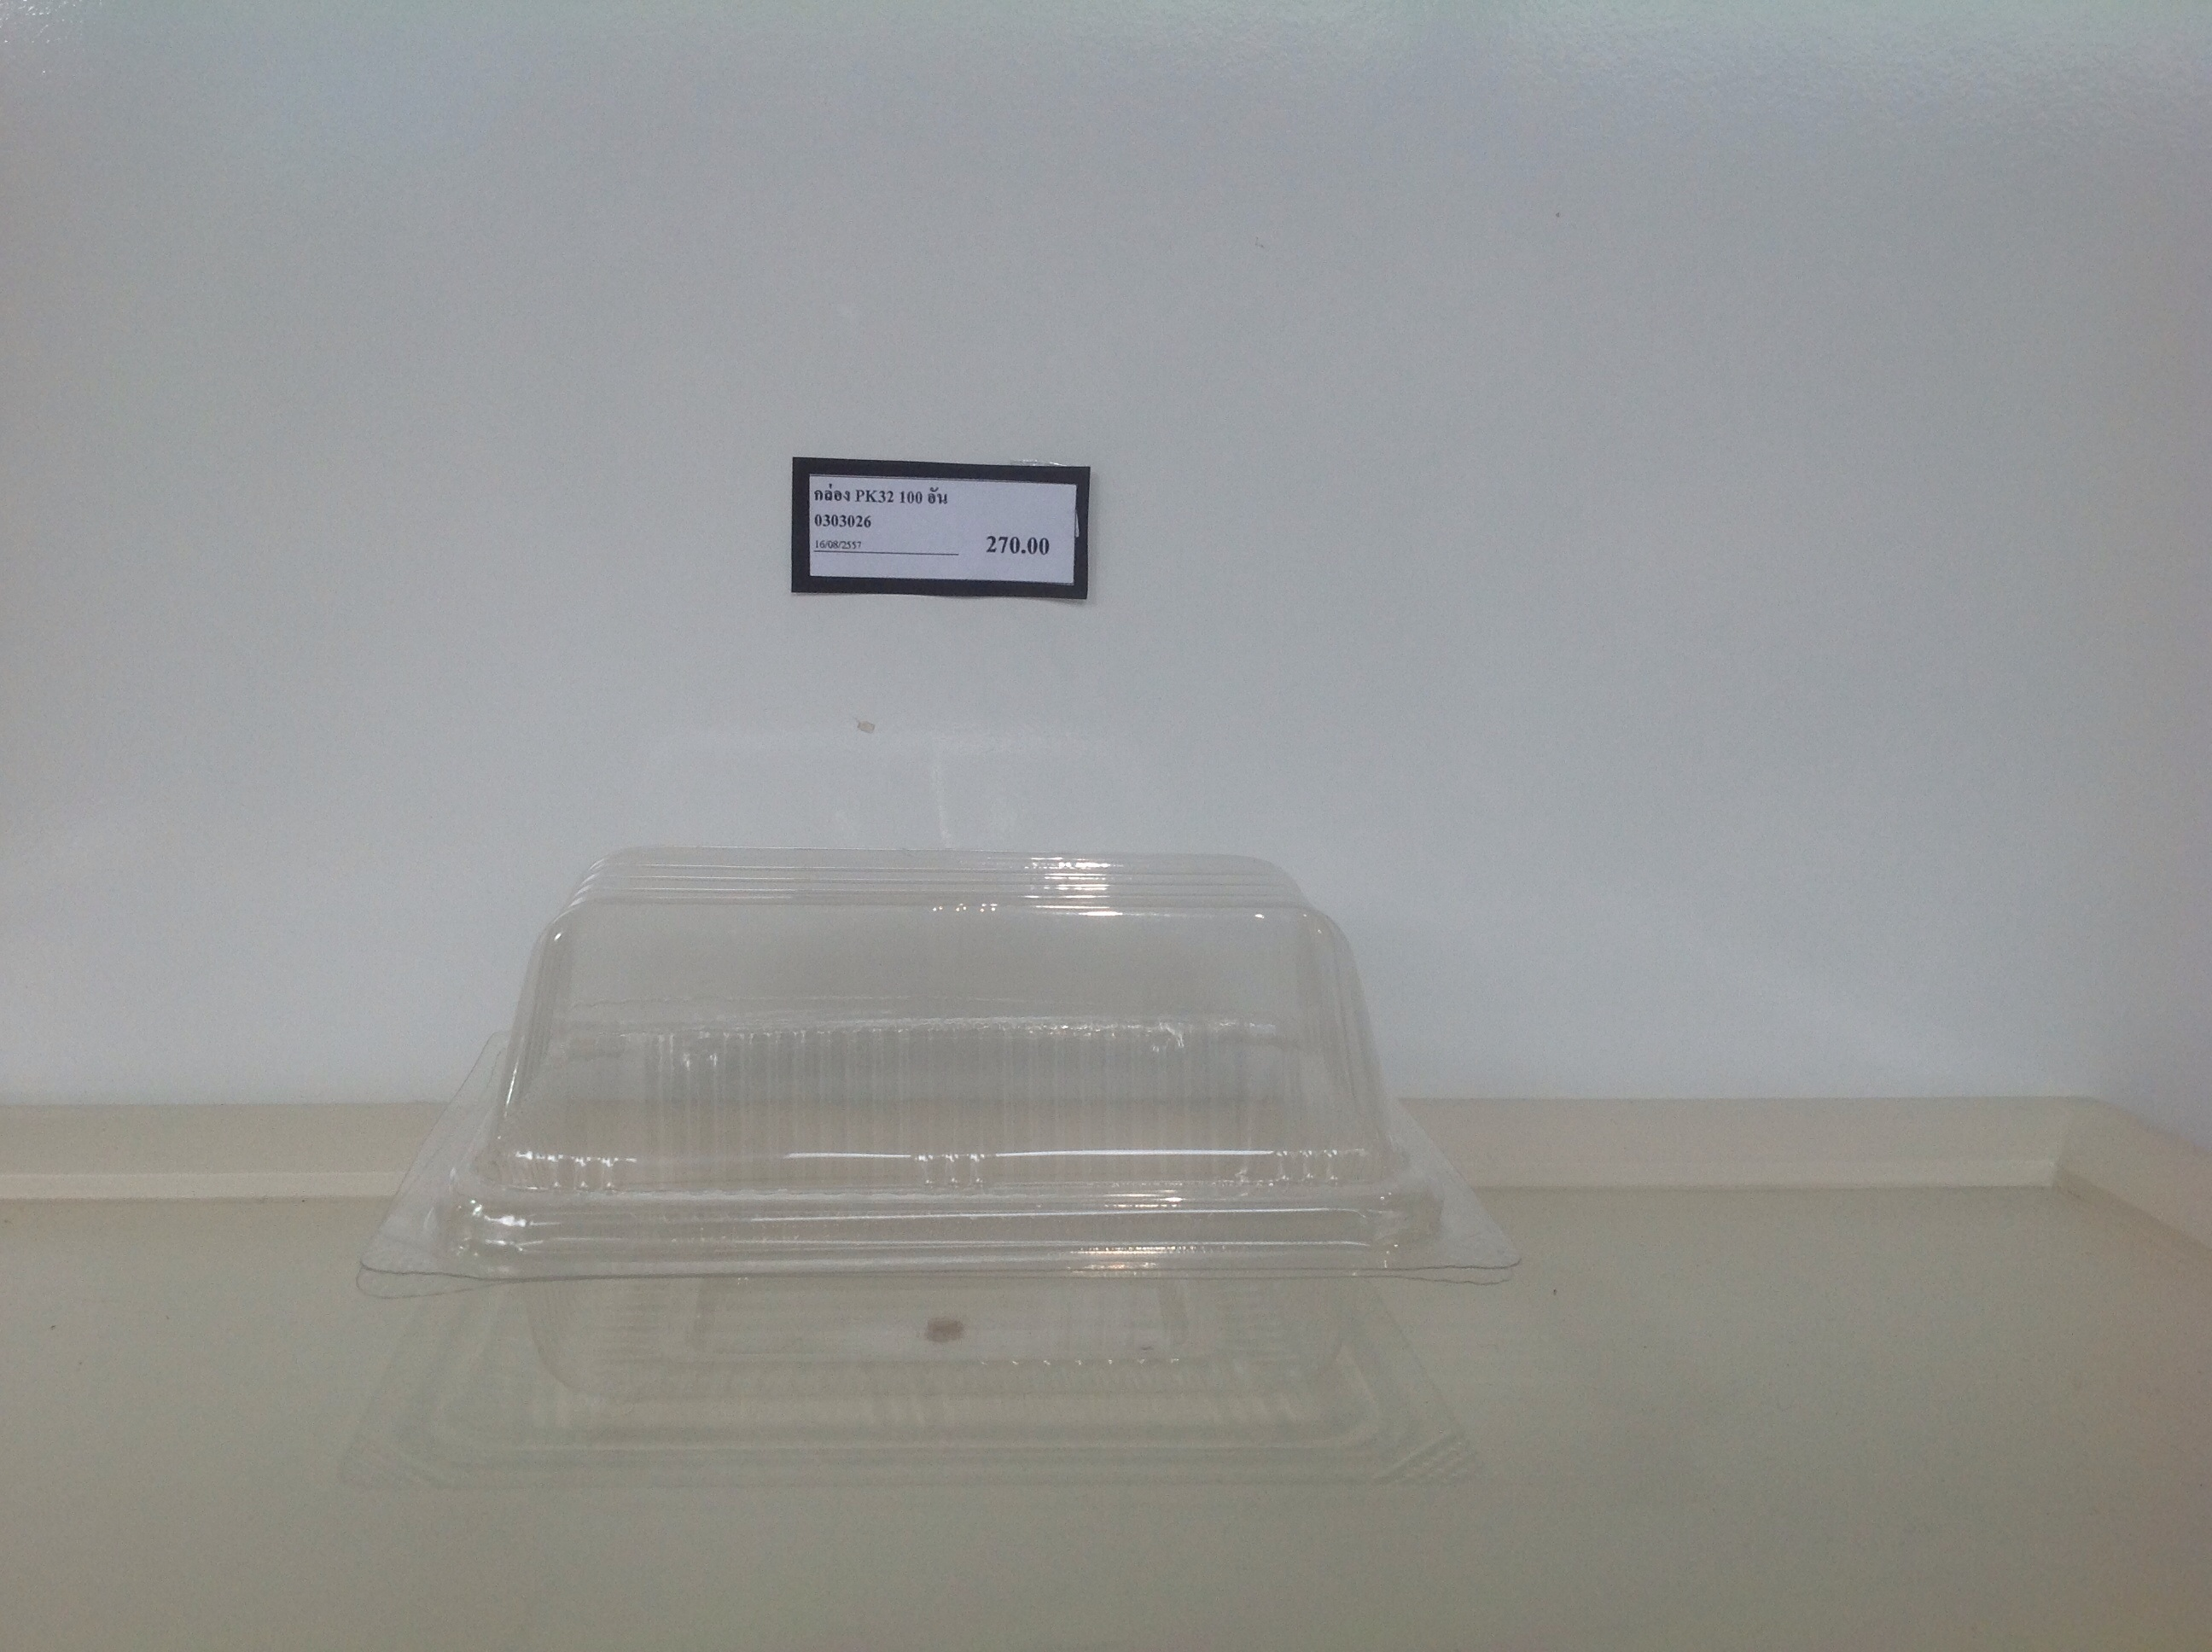 กล่อง PK32 กว้าง 8 ซม. ยาว 11. ซม สูง 5.5 ซม